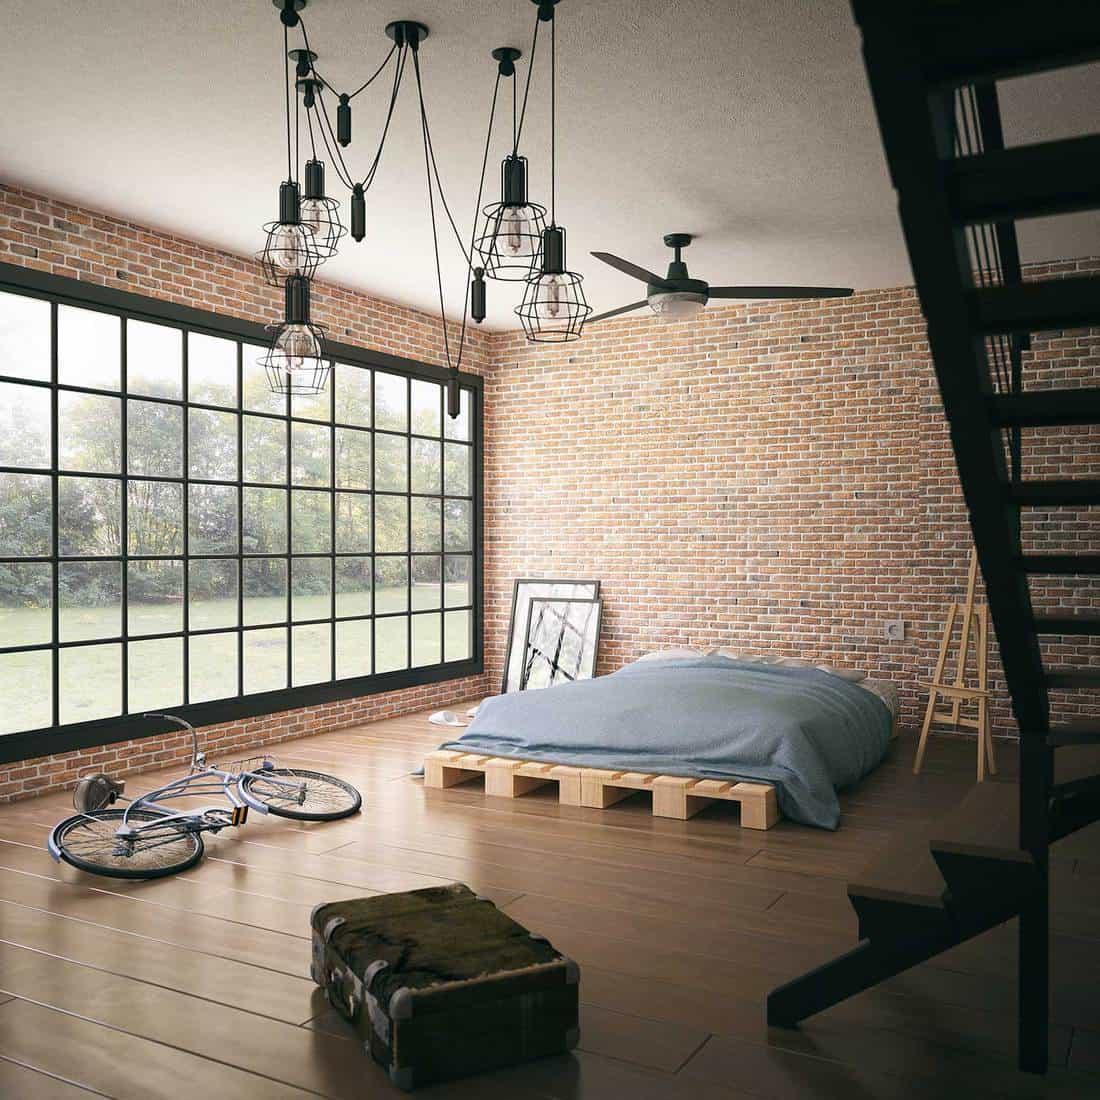 Minimalist industrial loft style bedroom